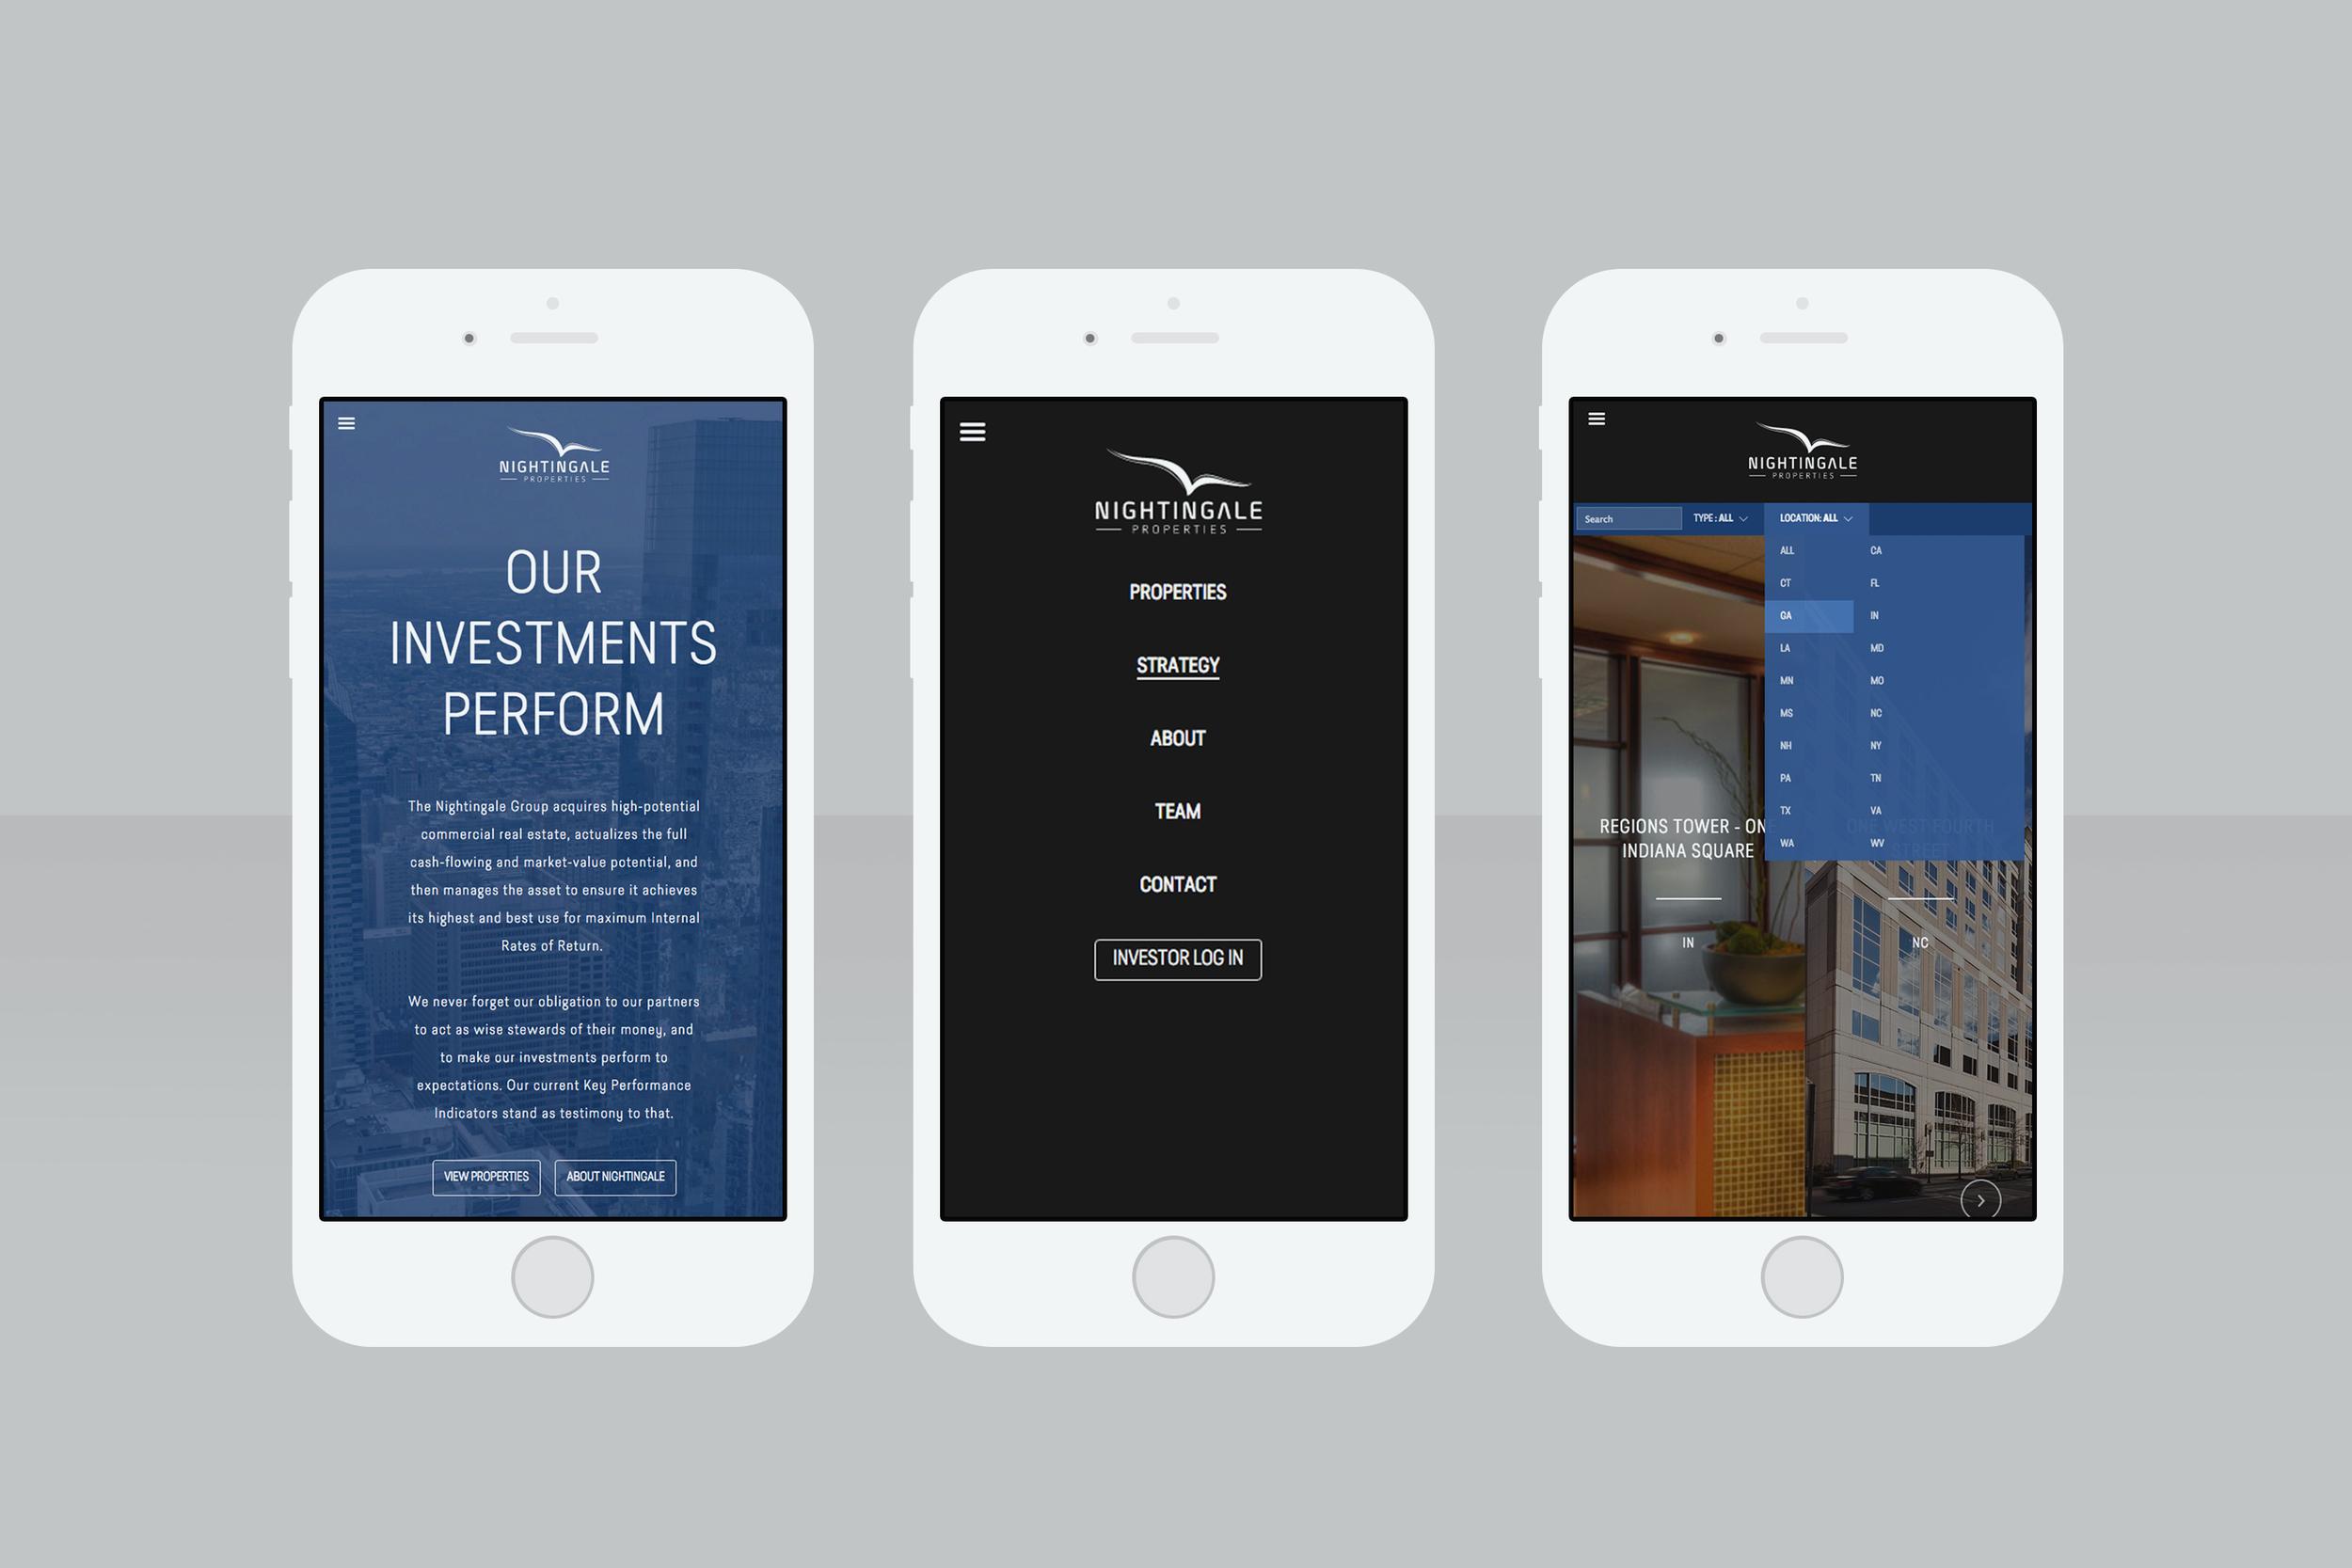 Nightigale phone Screens.jpg